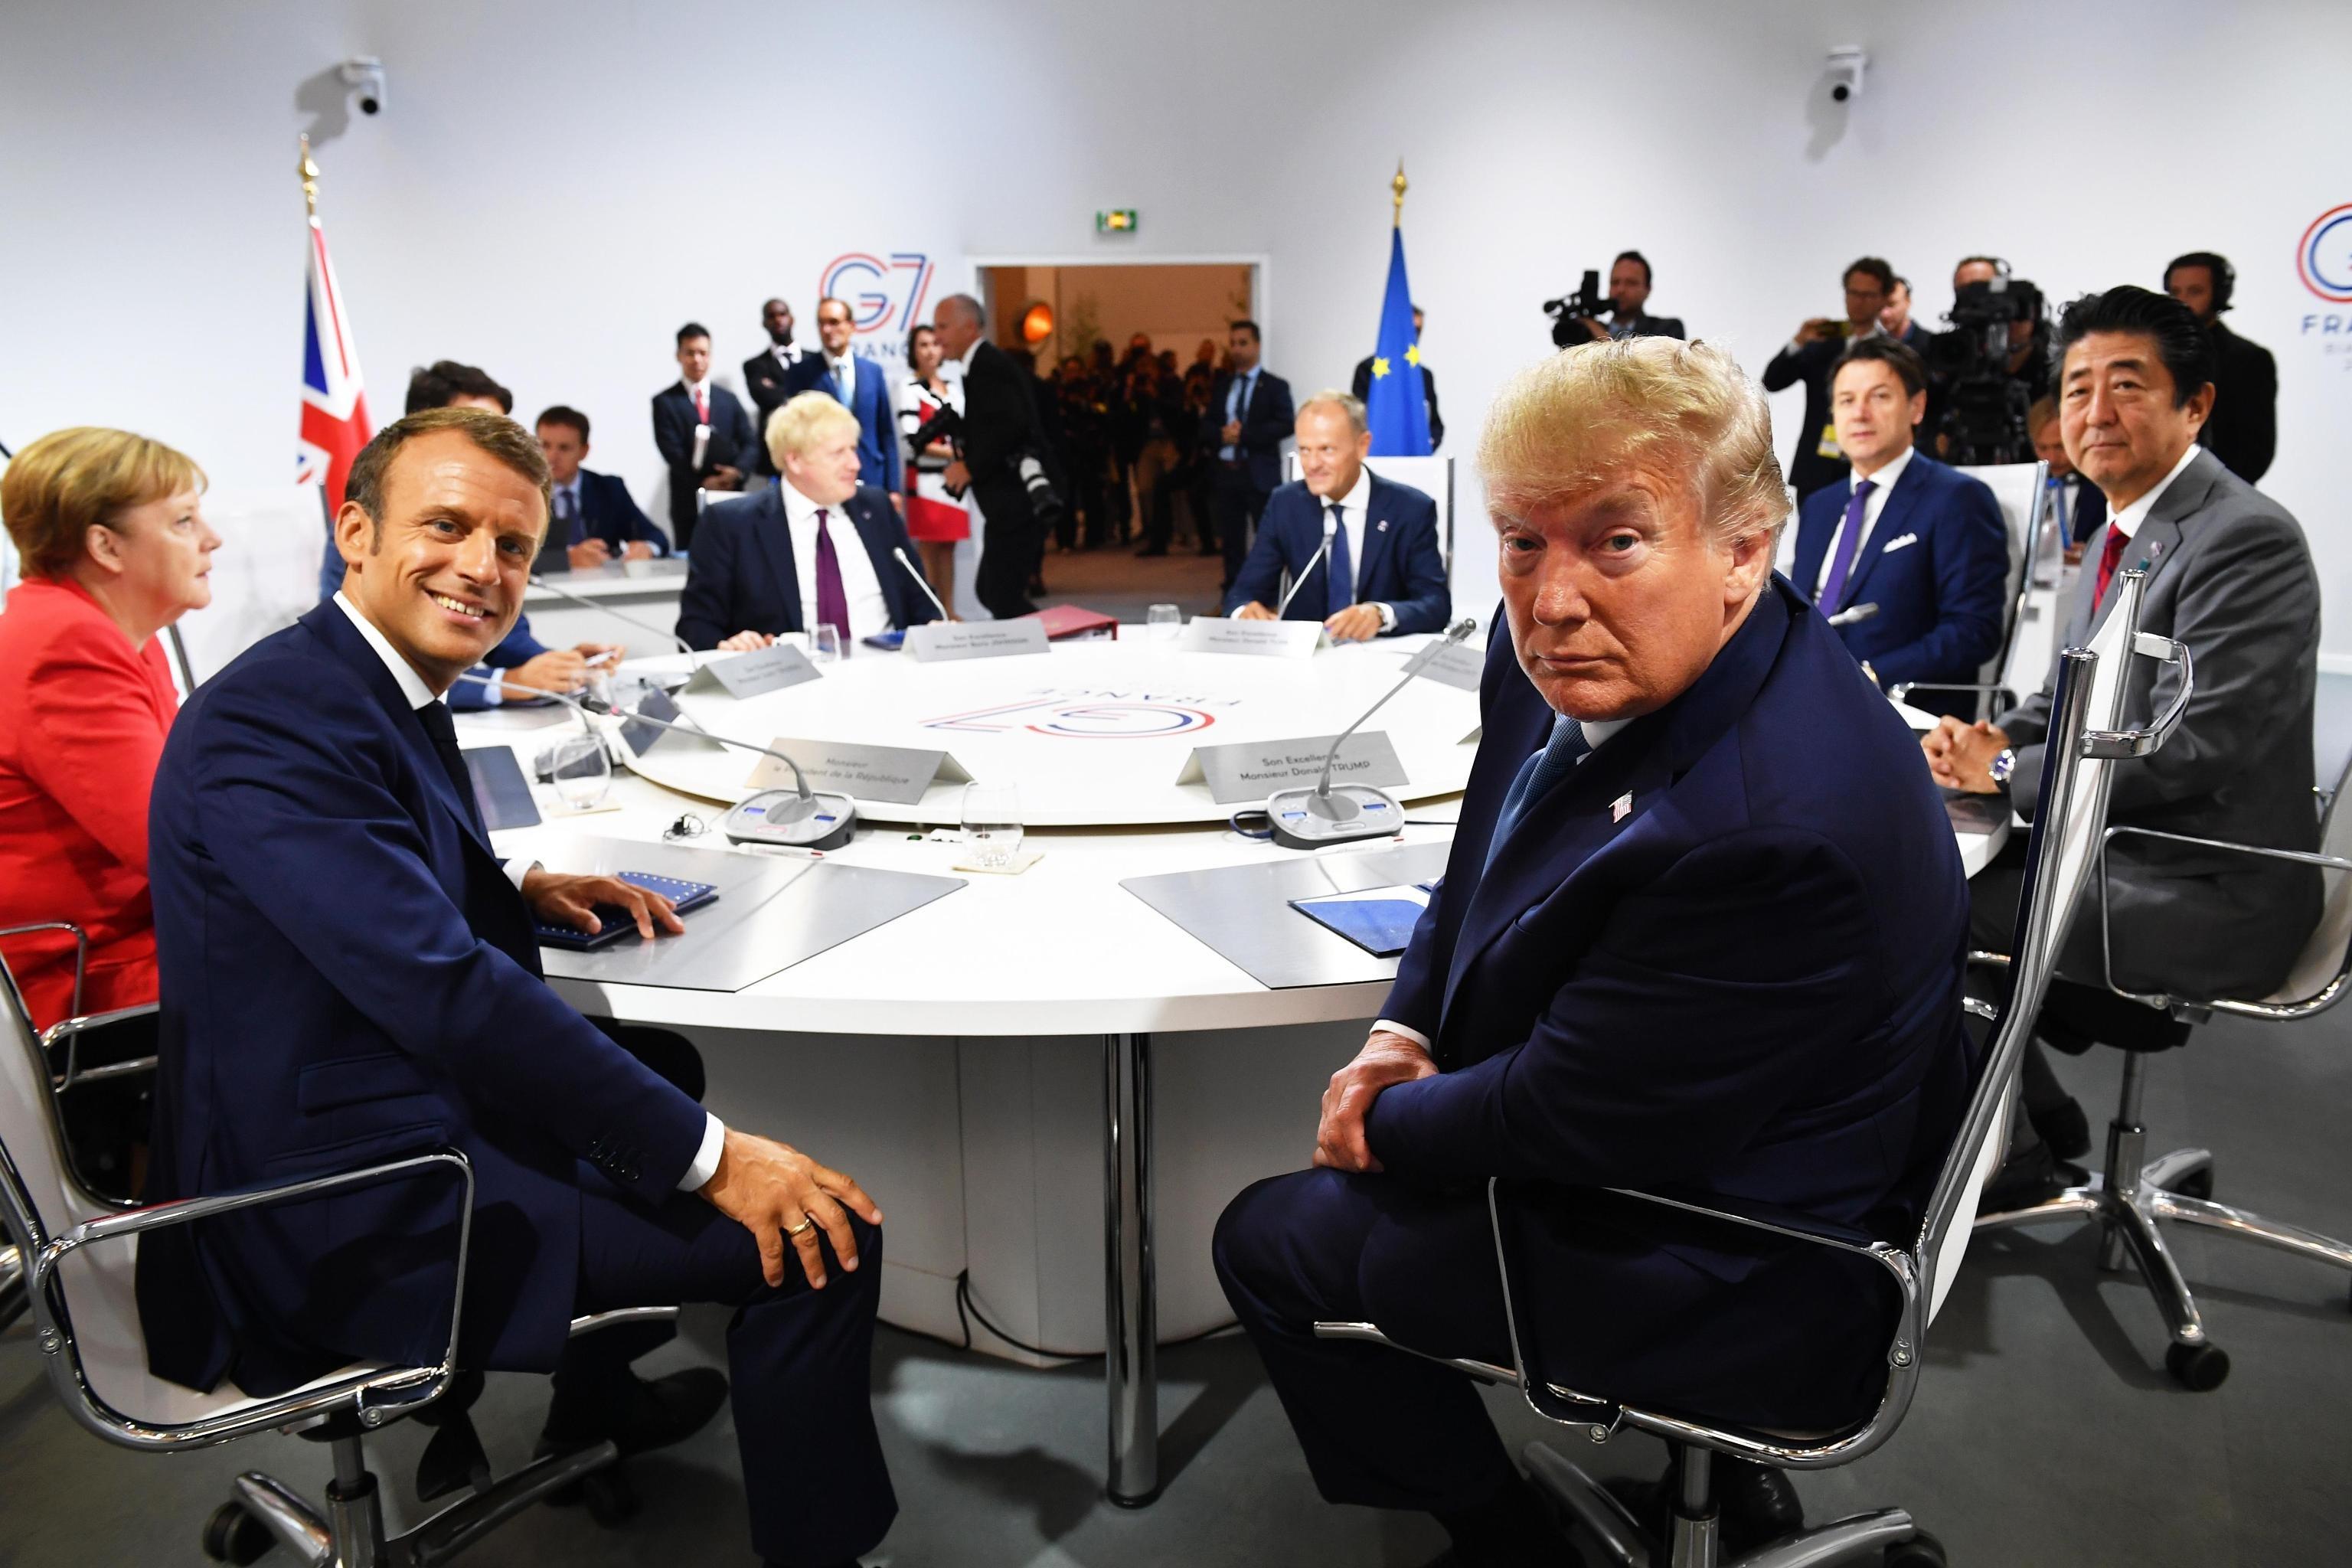 Le pagelle ai leader mondiali alle prese con il Covid 19